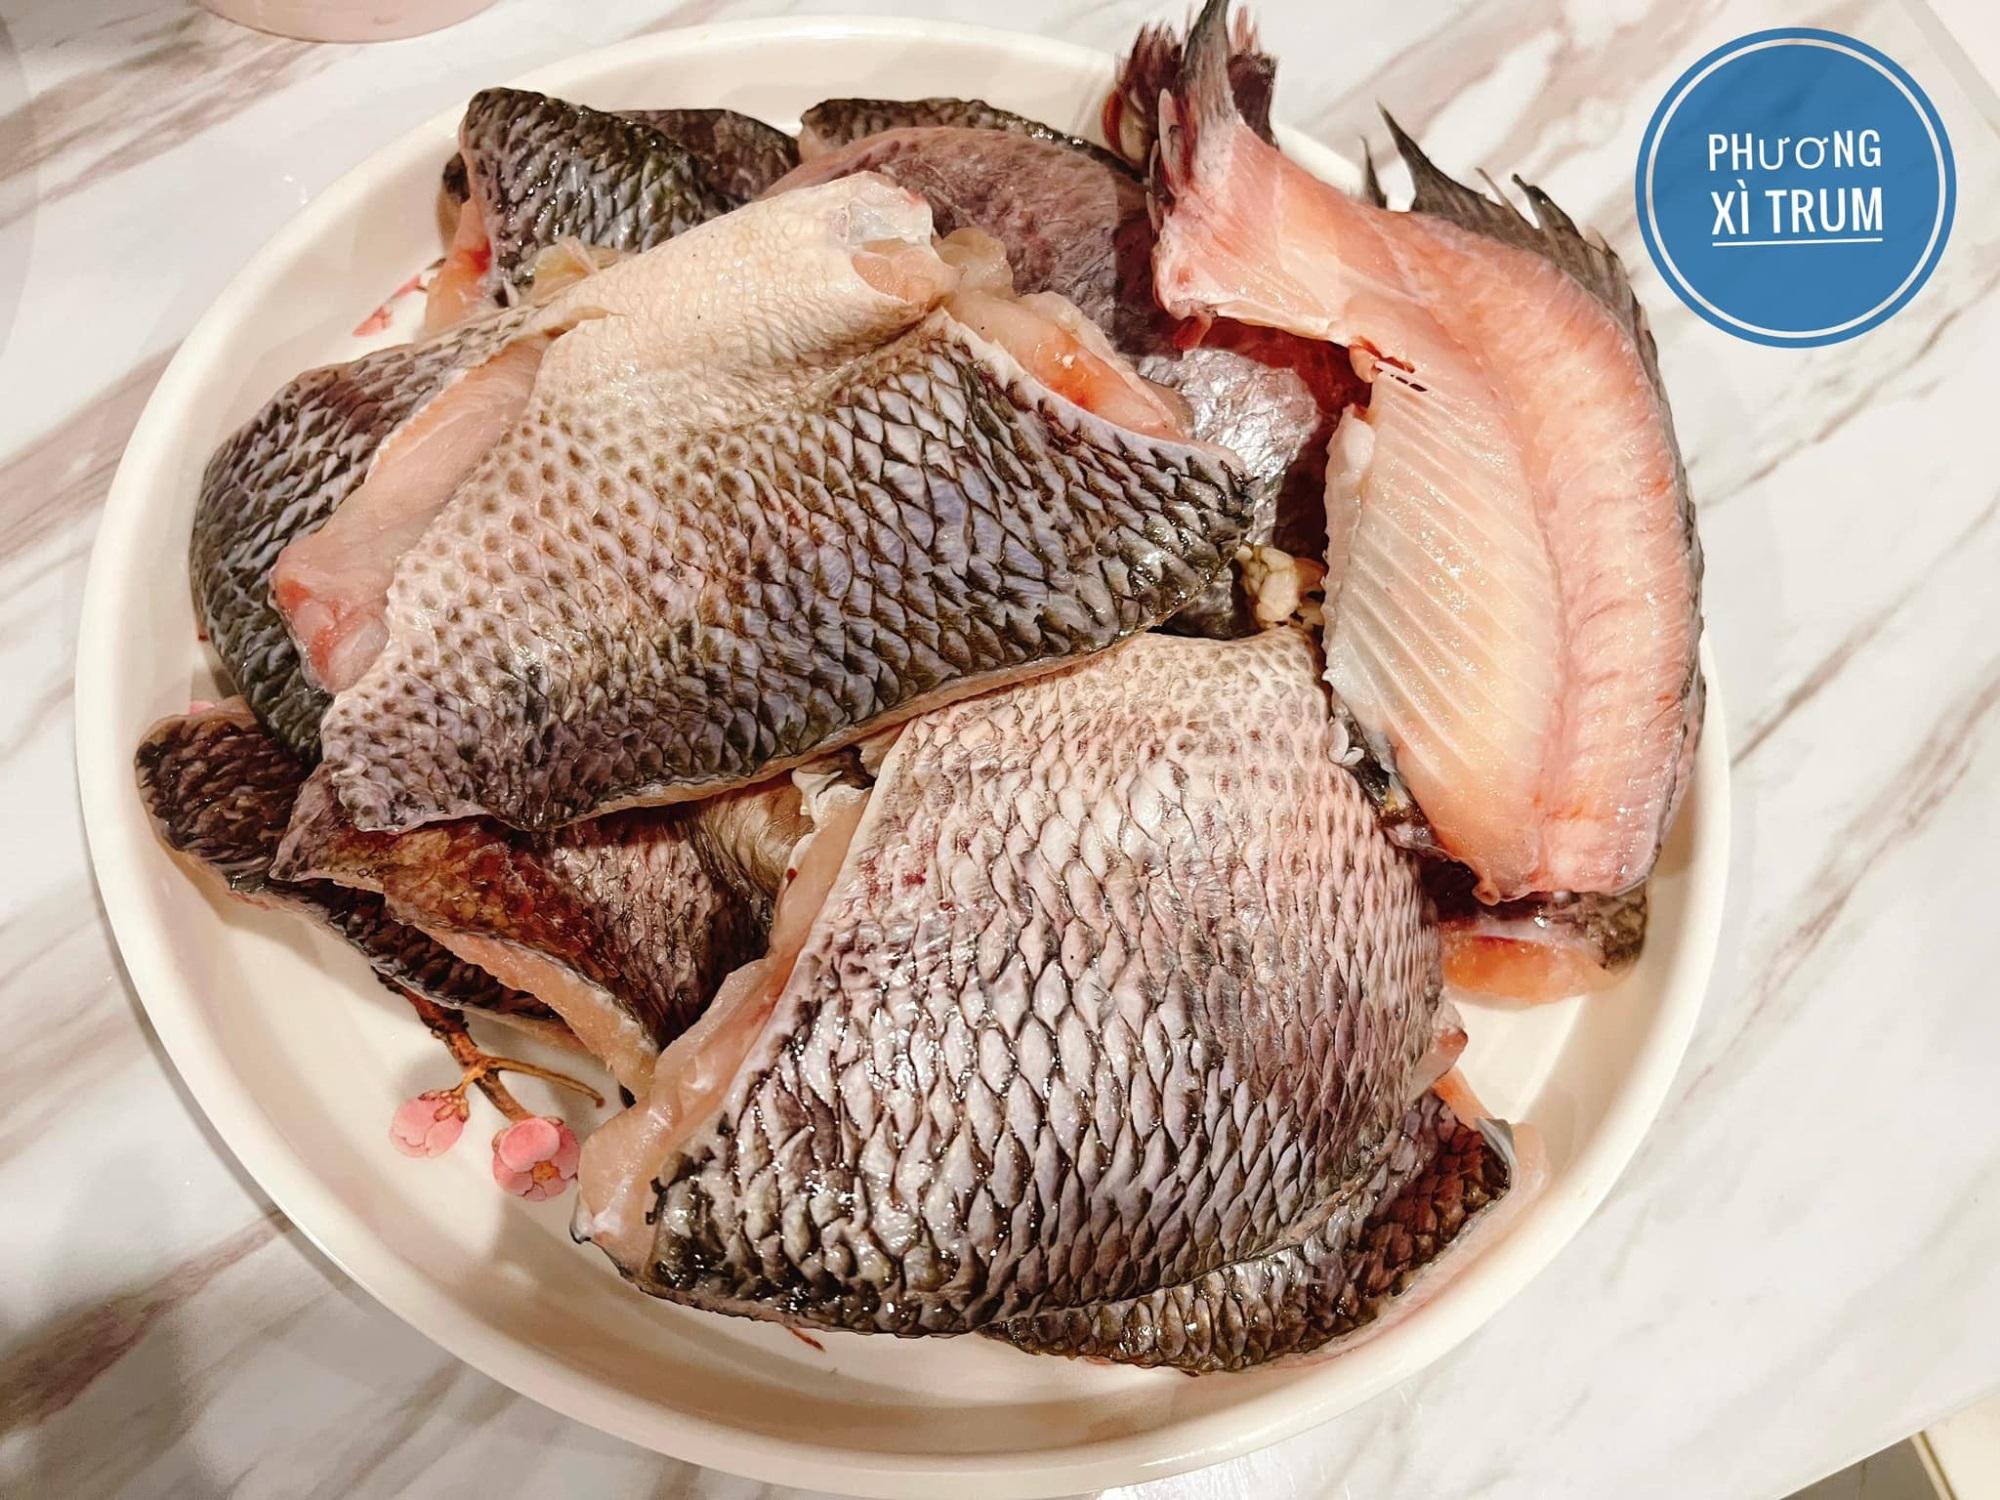 'Lăn vào bếp' làm bún cá rô dễ mà ngon cả nhà đều mê, công thức lại nhanh-gọn-nhẹ ai làm cũng thành công - Ảnh 3